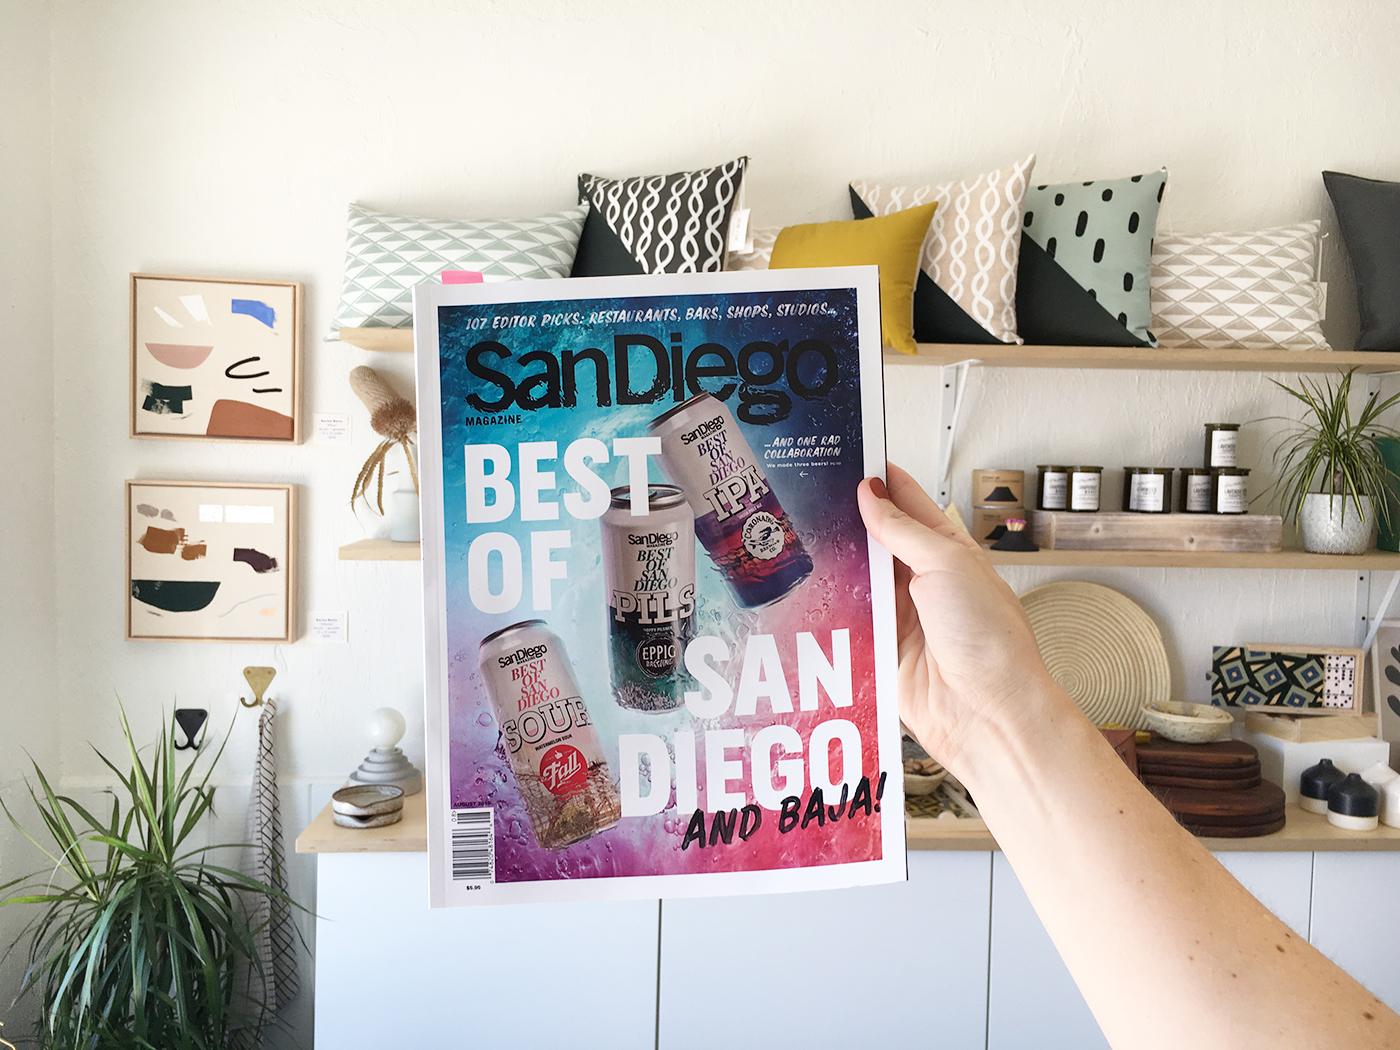 Best of San Diego - Cotton & Flax in San Diego Magazine